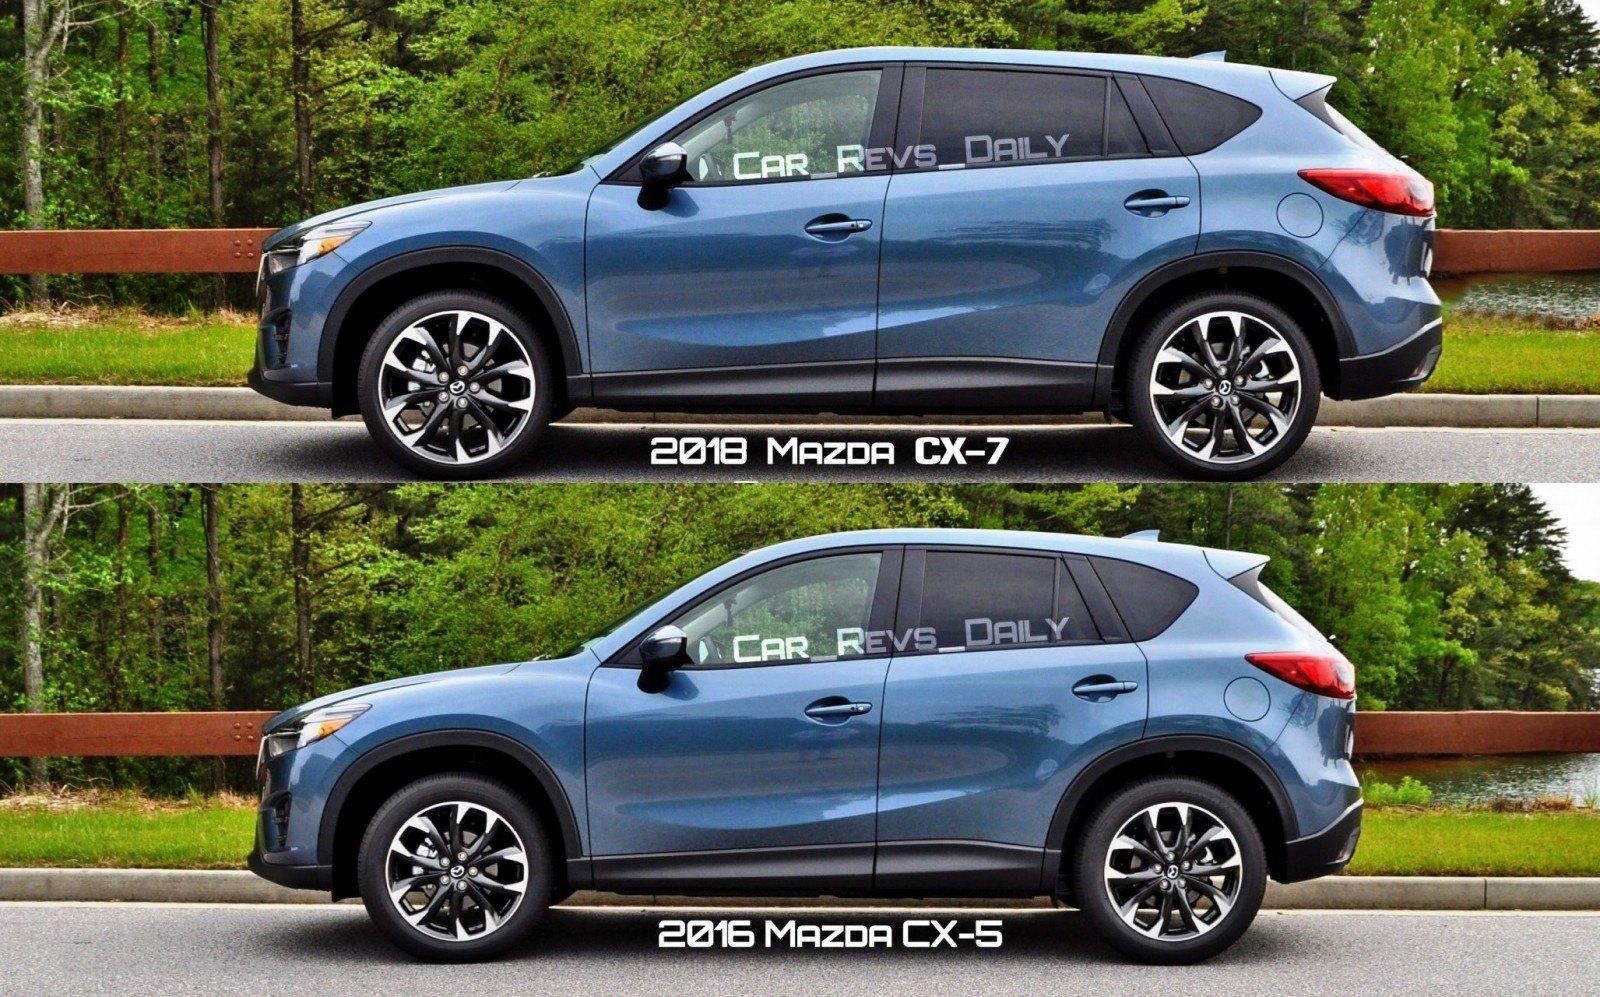 Kelebihan Kekurangan Mazda Cx 7 2017 Perbandingan Harga